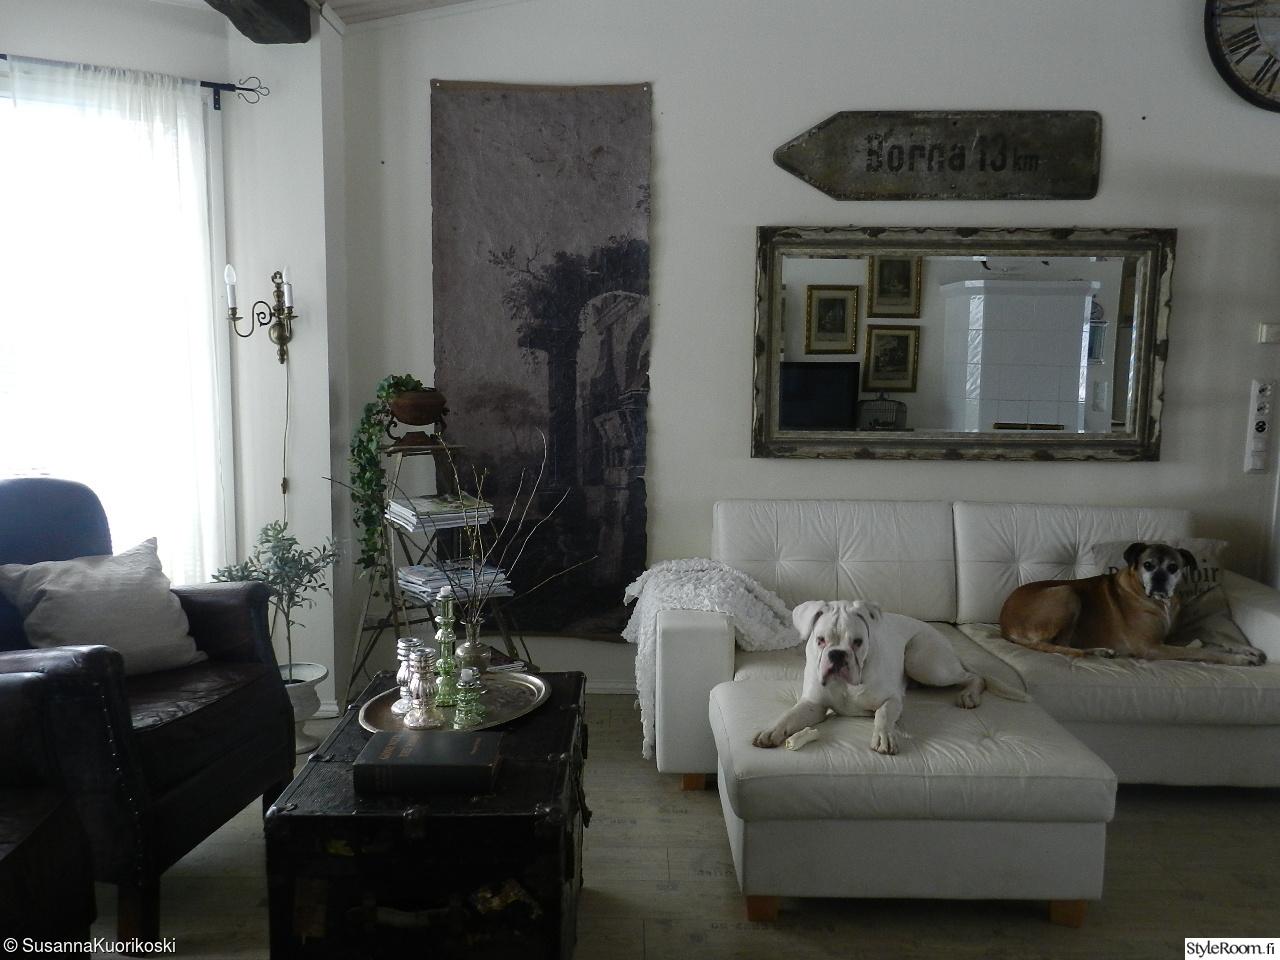 Olohuoneen Sohva : Olohuone,olohuoneen sisustus,oleskelupaikka,sohva,sohvapöytä ...